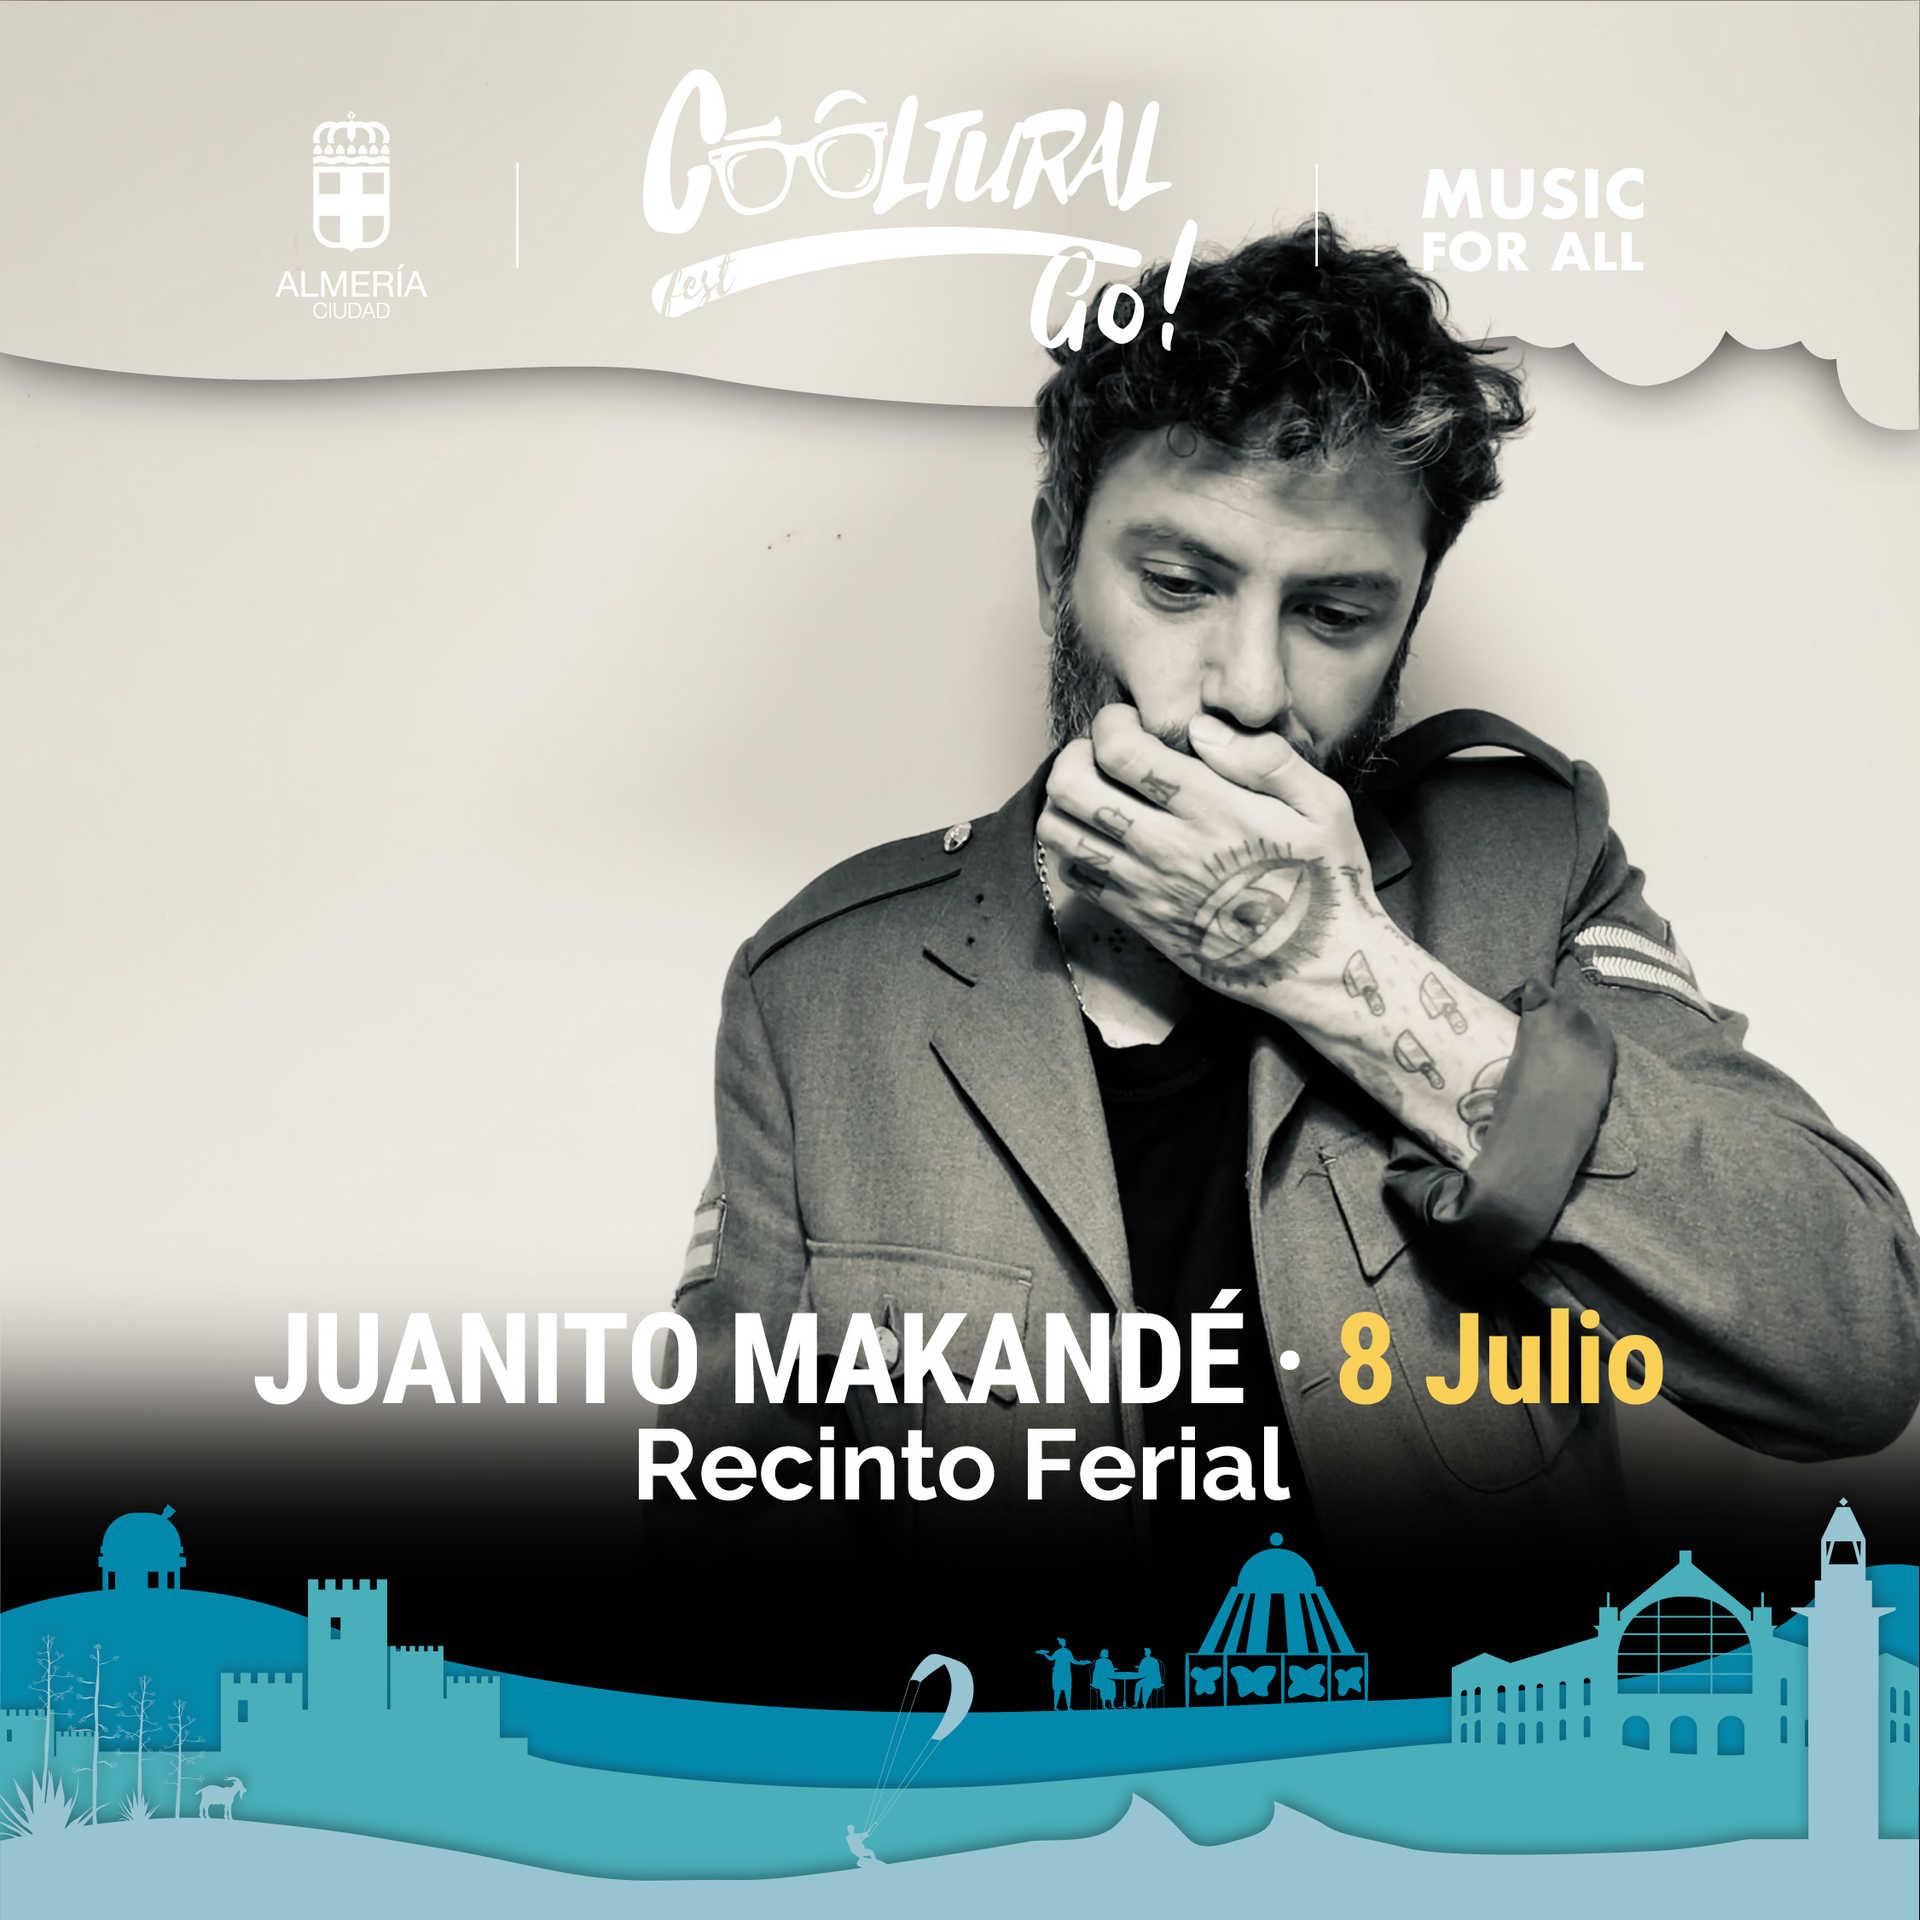 Juanito Makandé en concierto